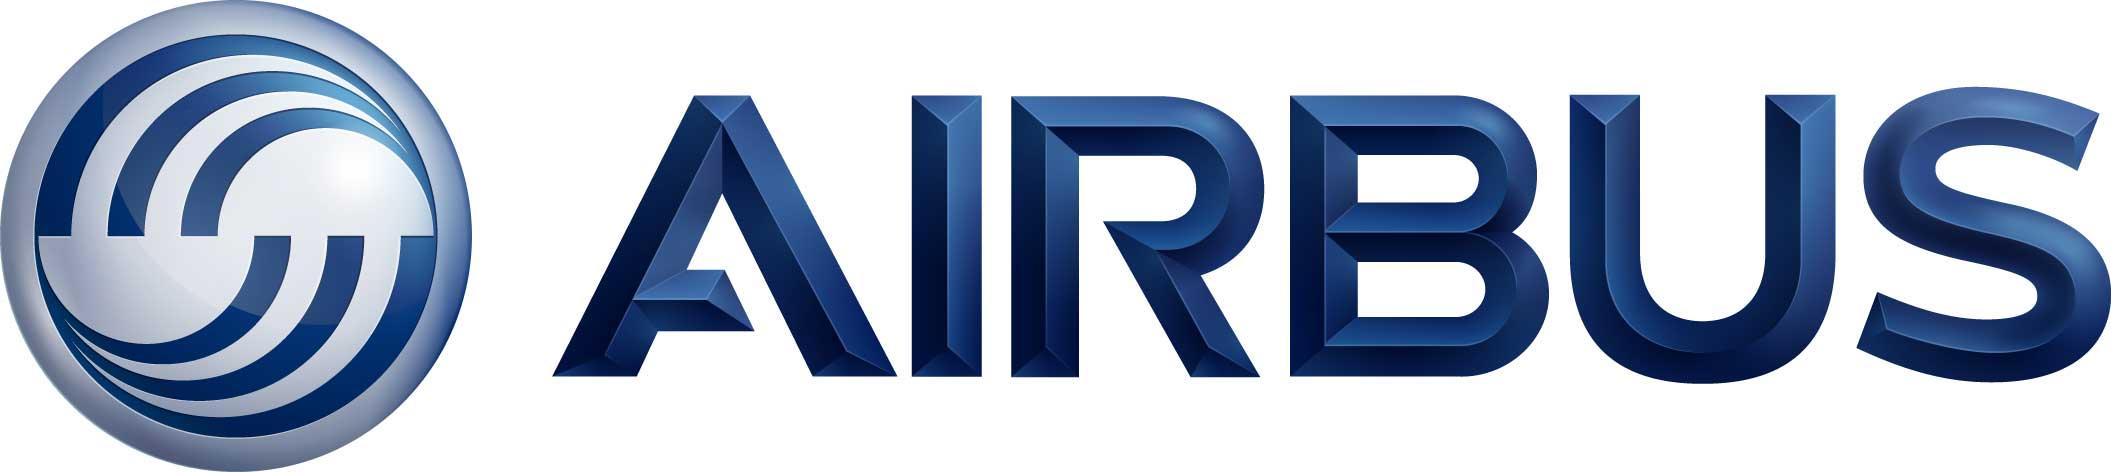 Airbus mit weiterem 3D-Druck Patent